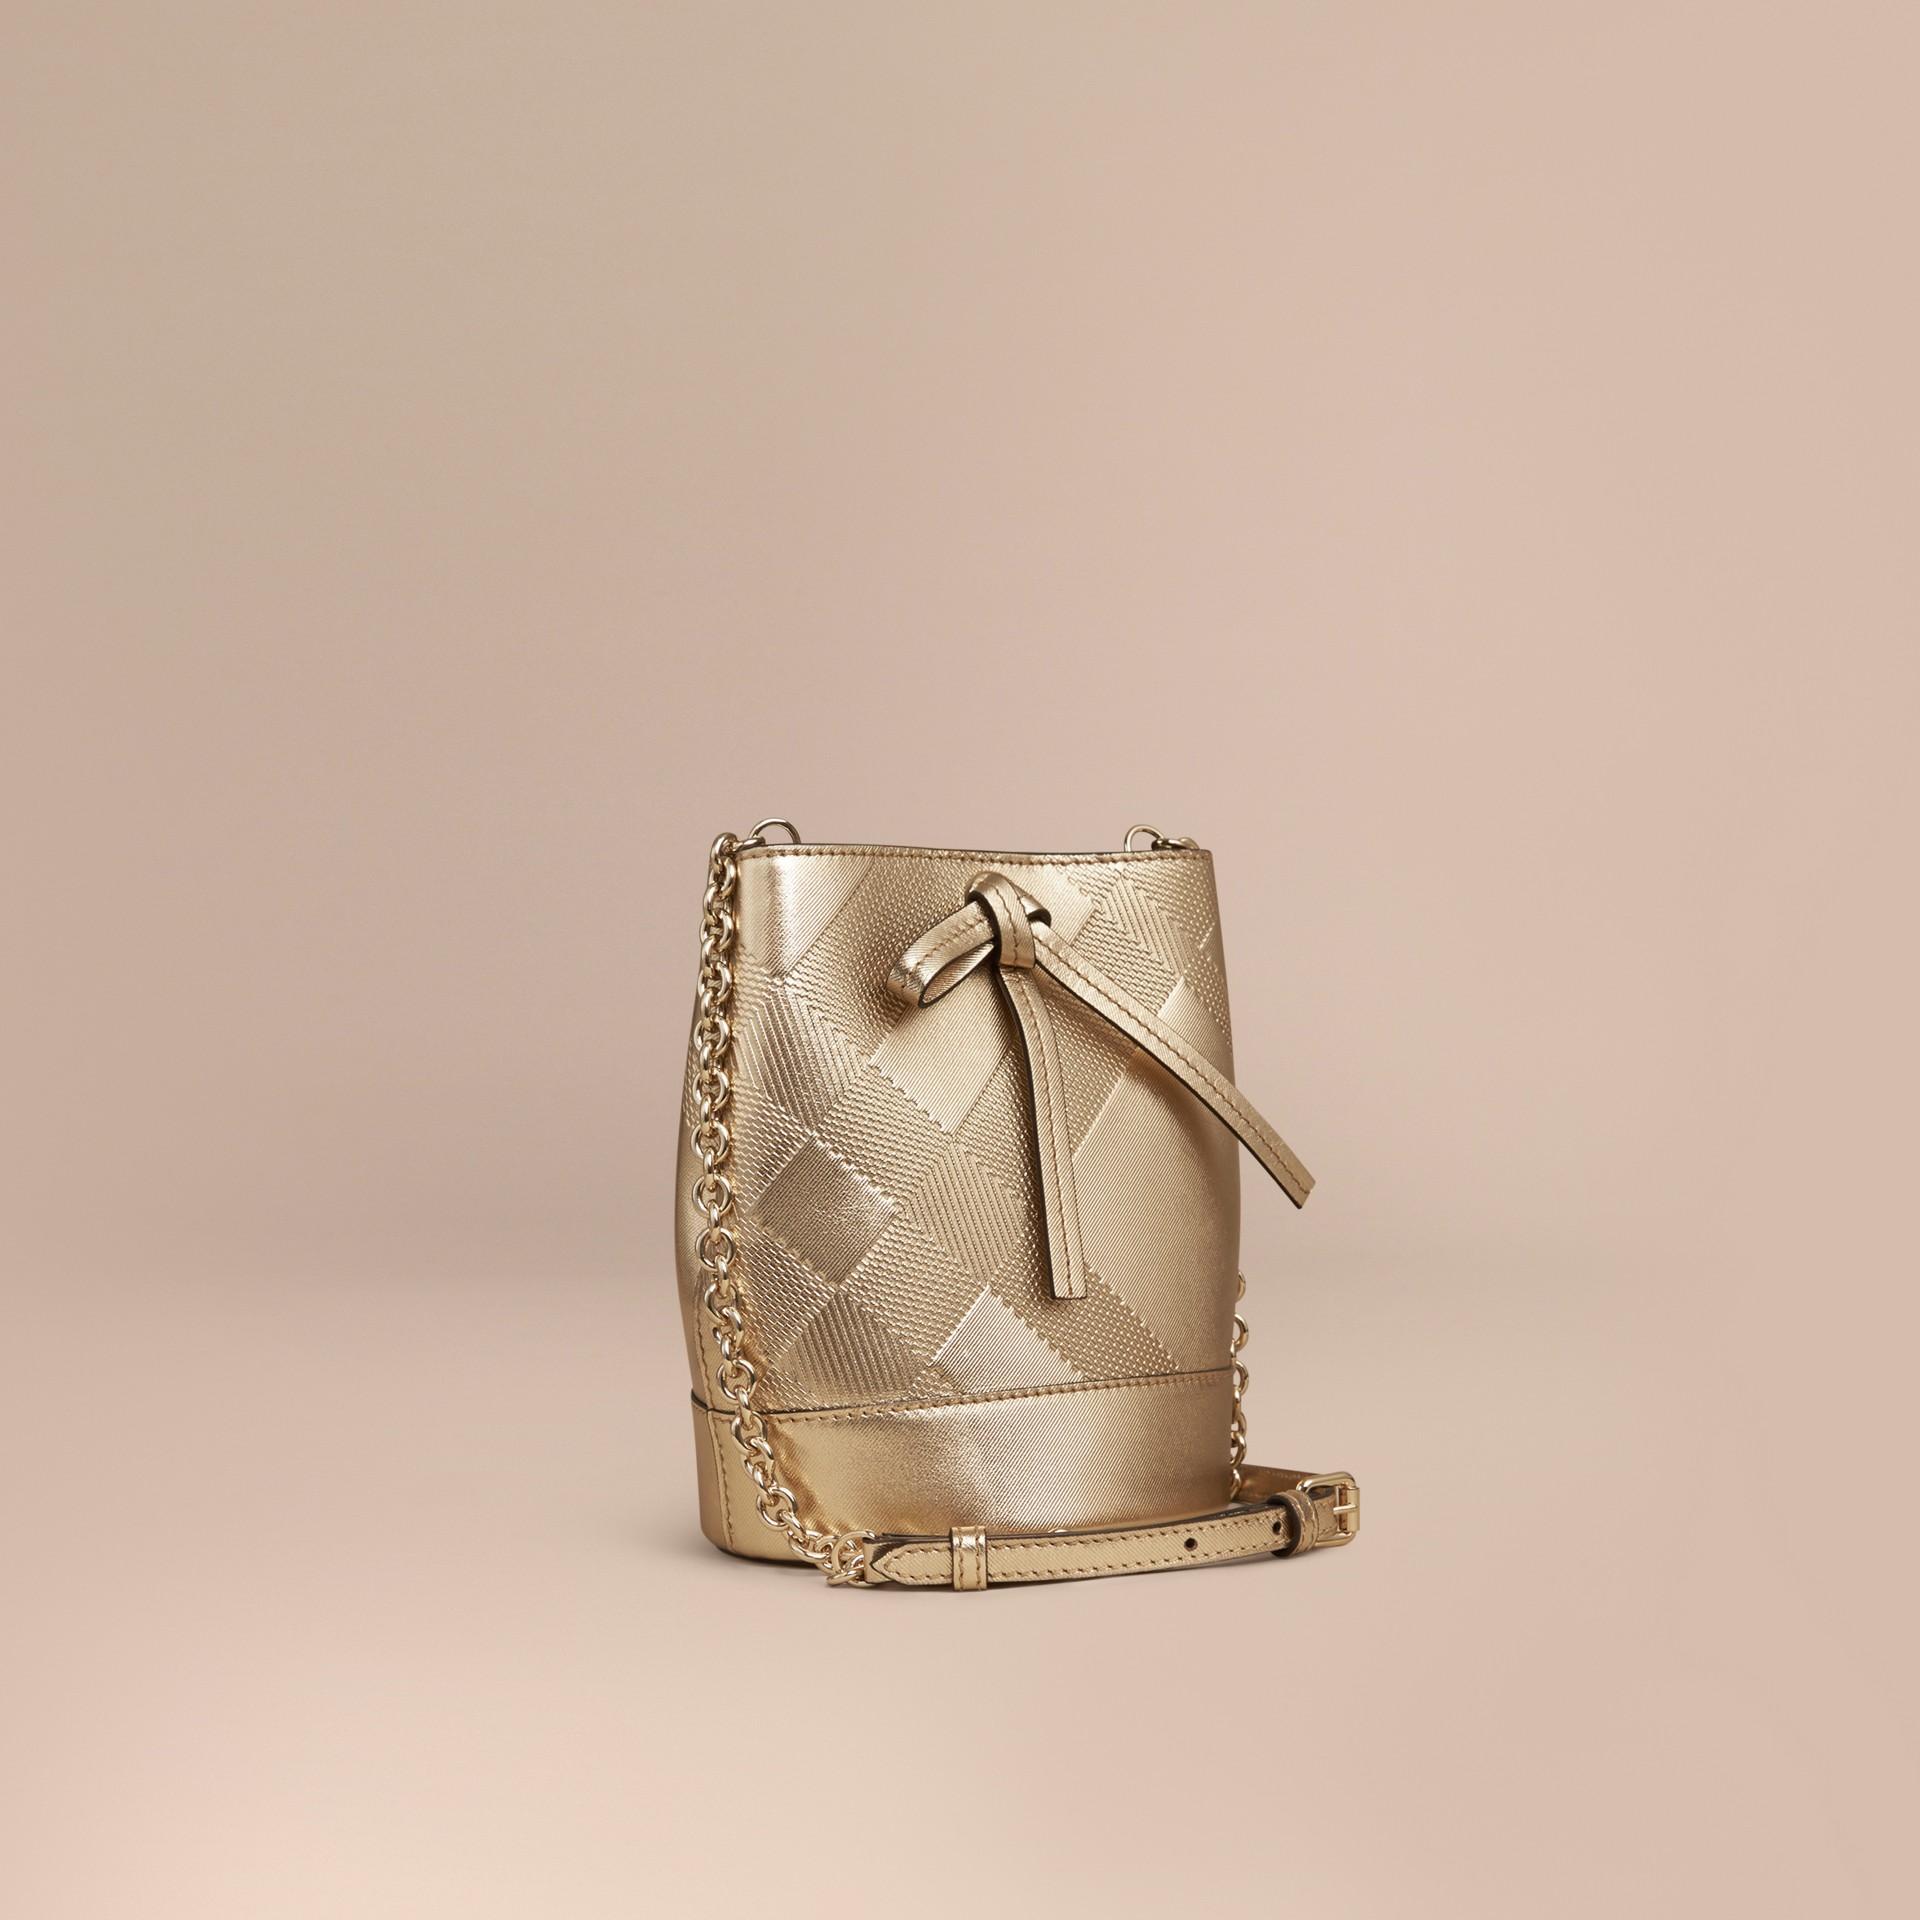 Oro Borsa Burberry Baby Bucket in pelle con motivo check in rilievo - immagine della galleria 1